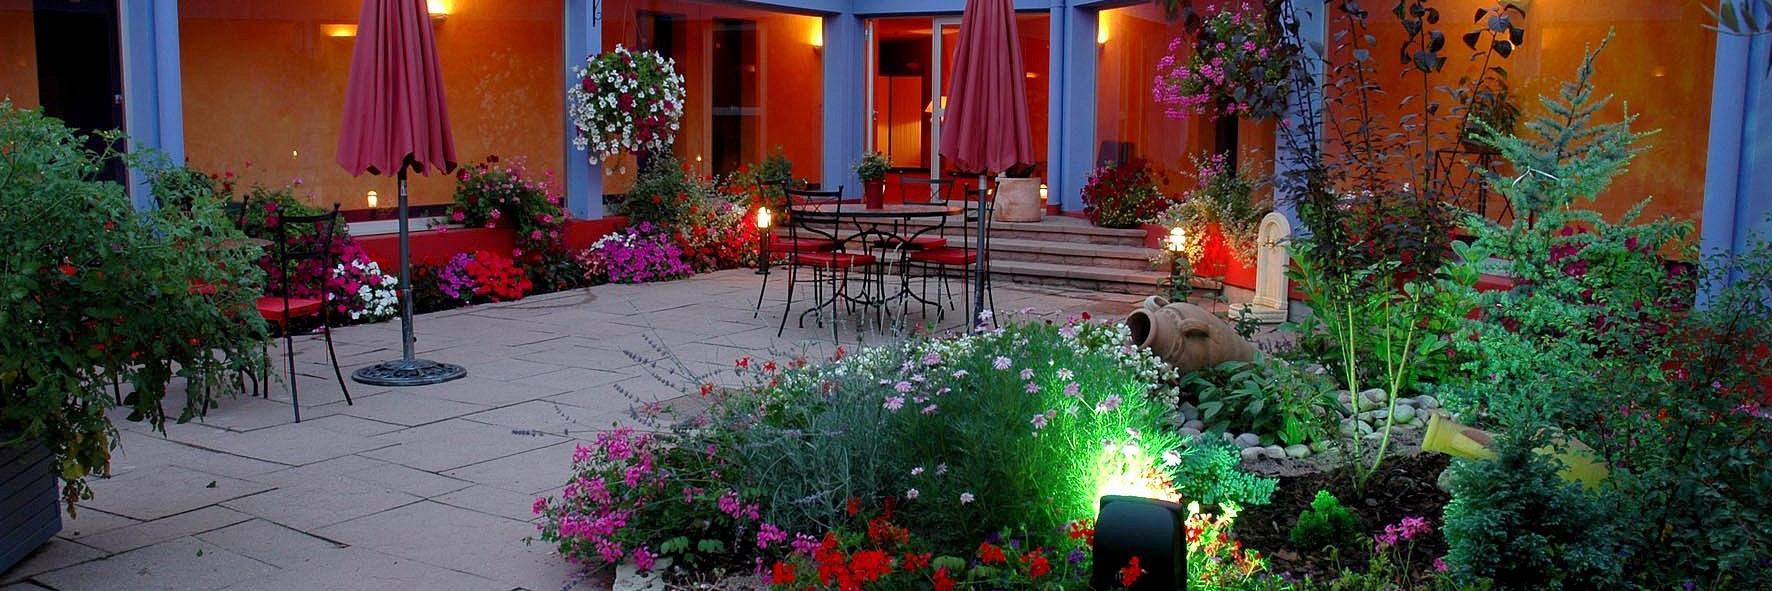 logis hotel atrium hotel logis golbey stay lorraine